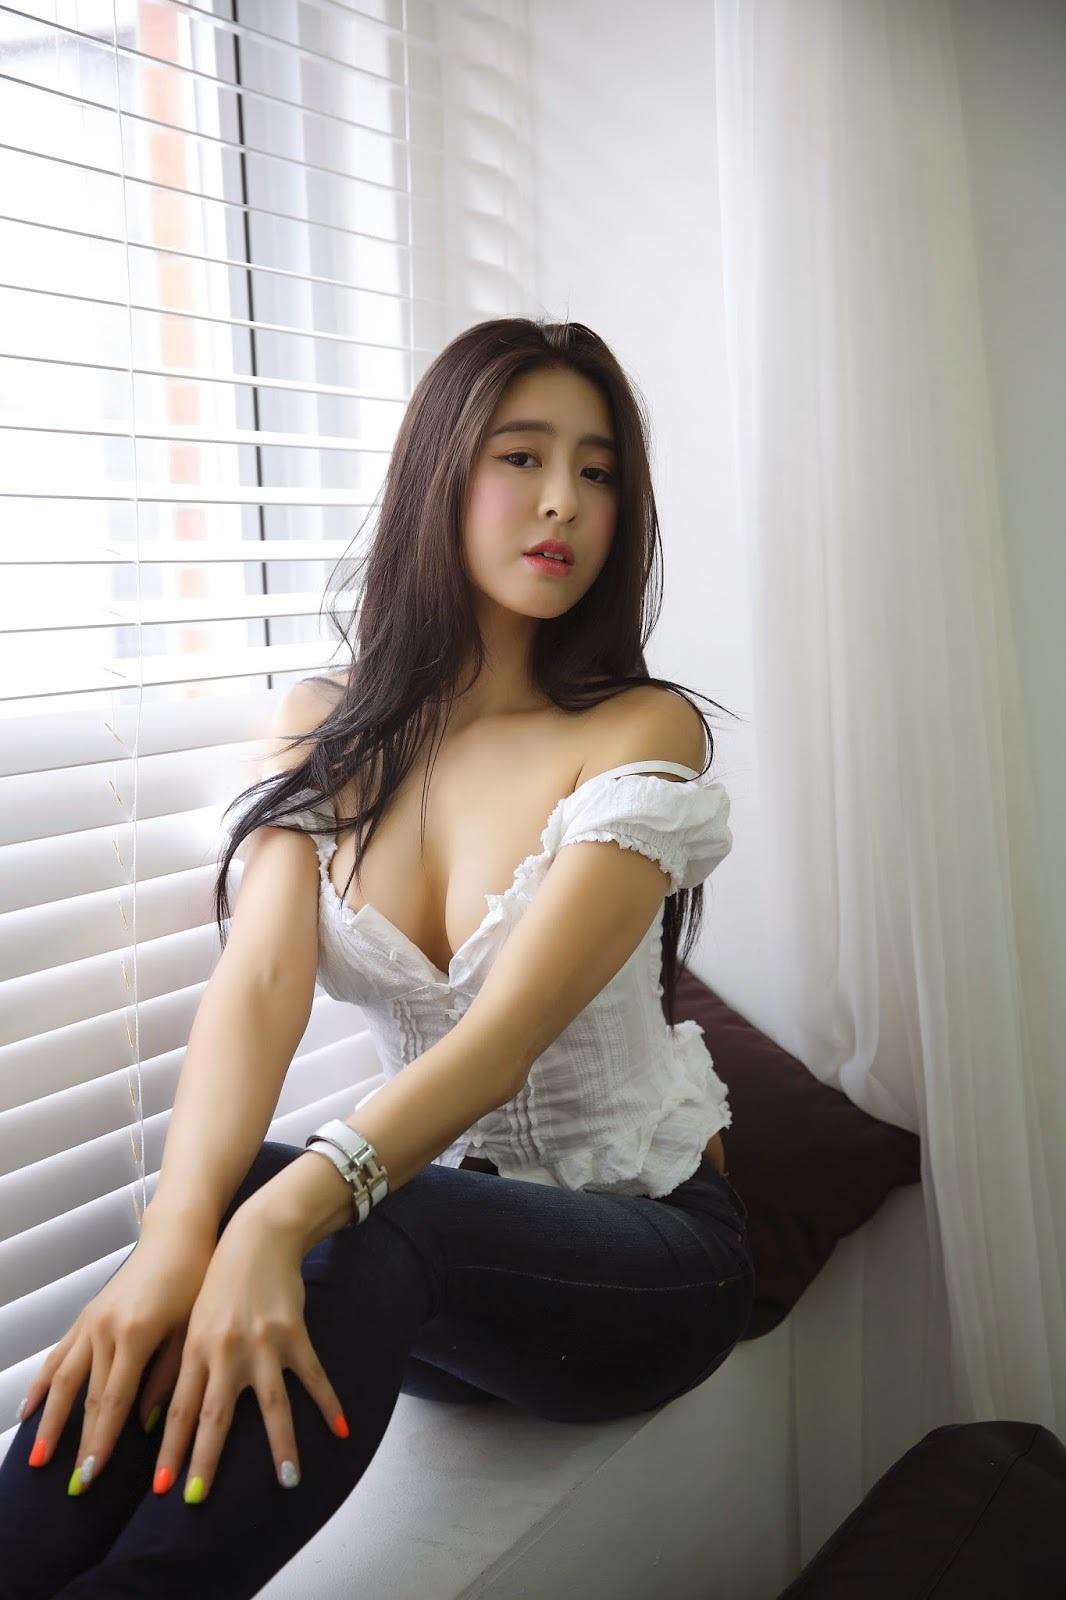 火辣!韩国健身女神晒私照 E杯上围呼之欲出 - 蔷薇花 - 蔷薇花